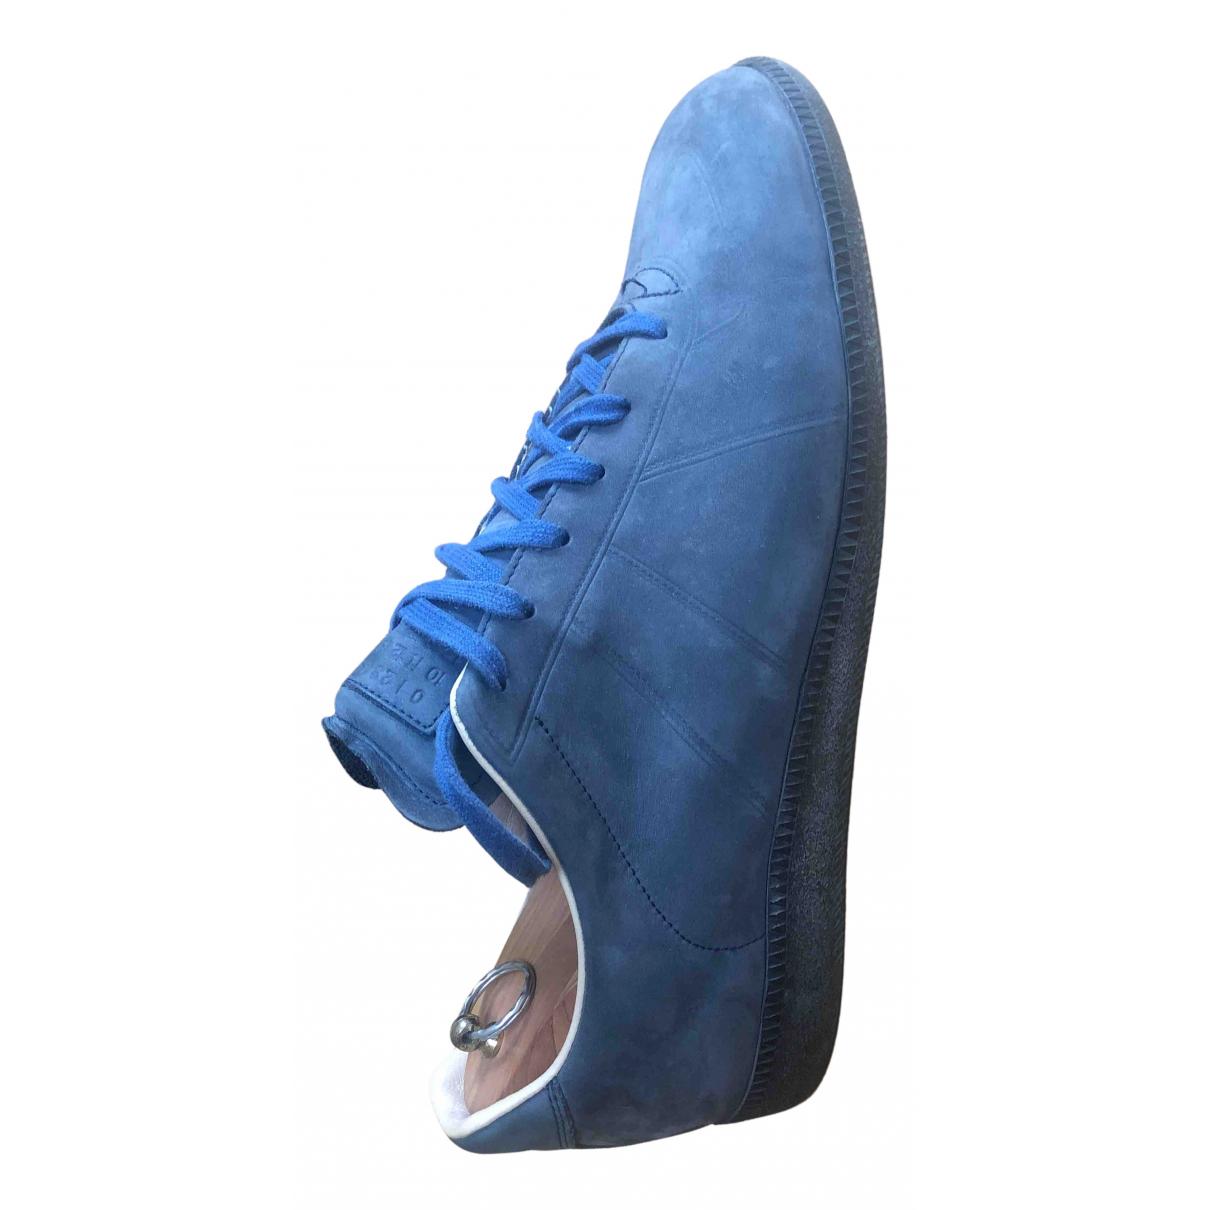 Maison Martin Margiela - Baskets   pour homme en cuir - bleu